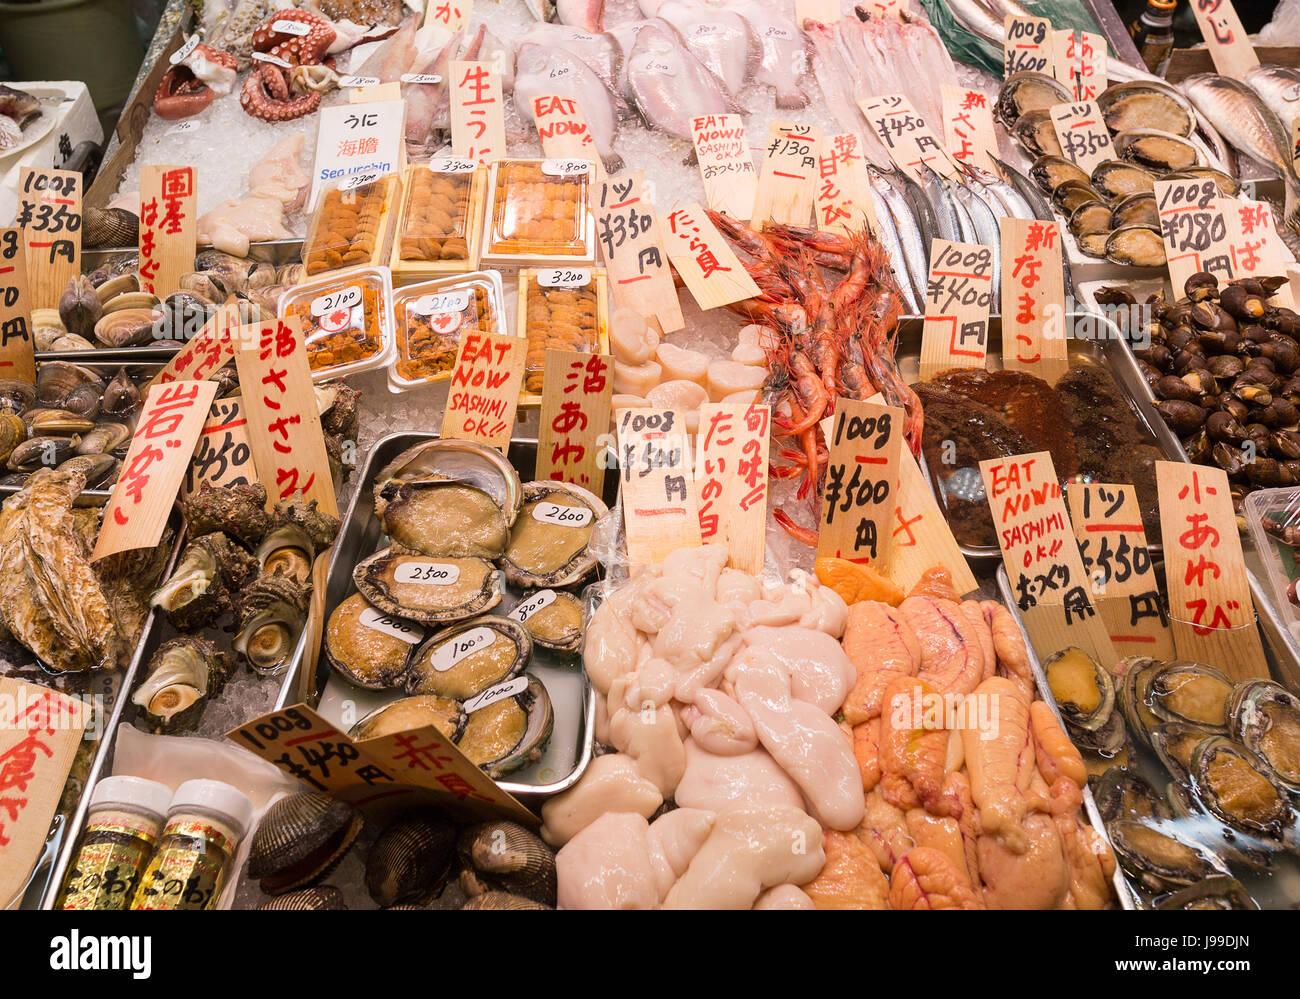 Fisch zum Verkauf - Kyoto-Nishiki Markt Japan Stockbild